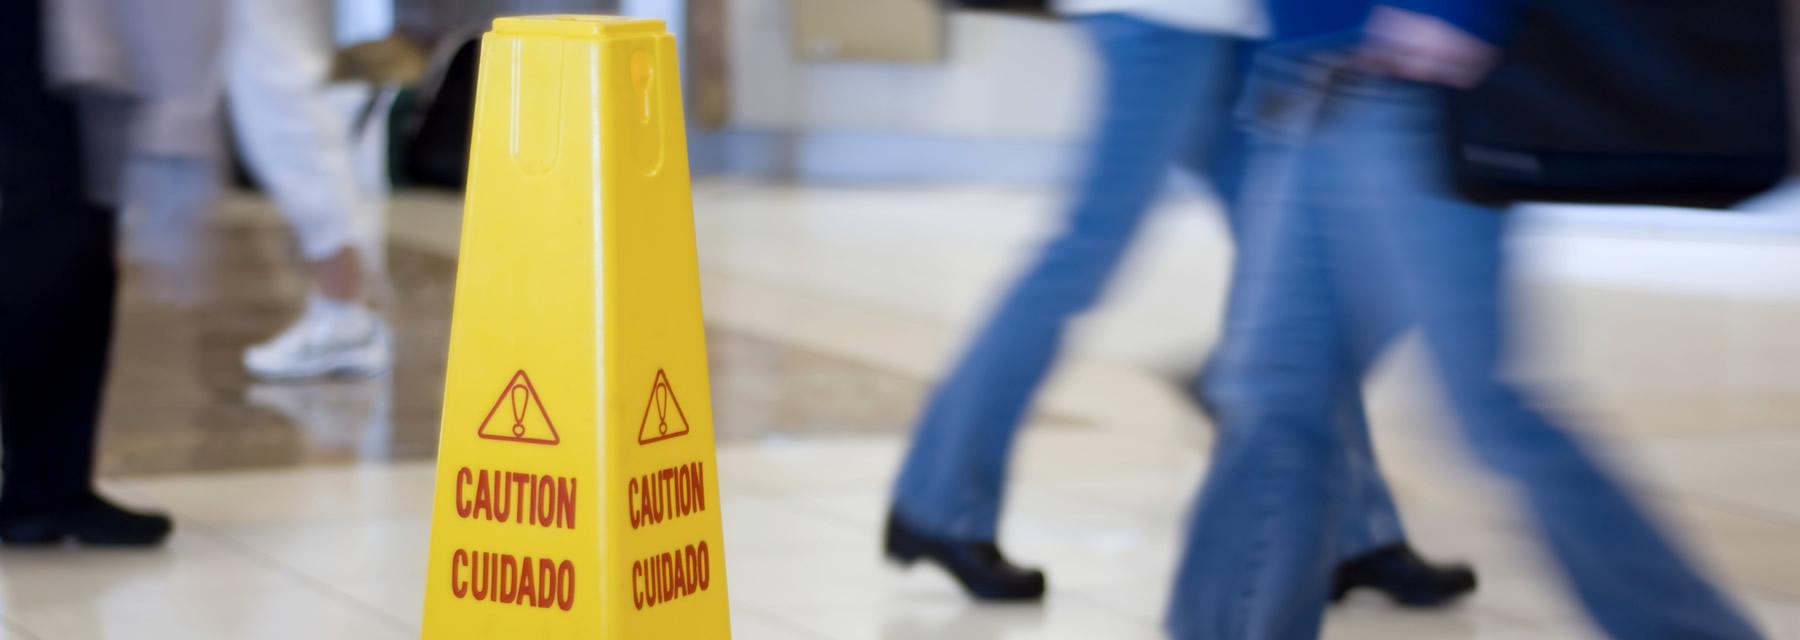 Alder Koten Caution Change Ahead